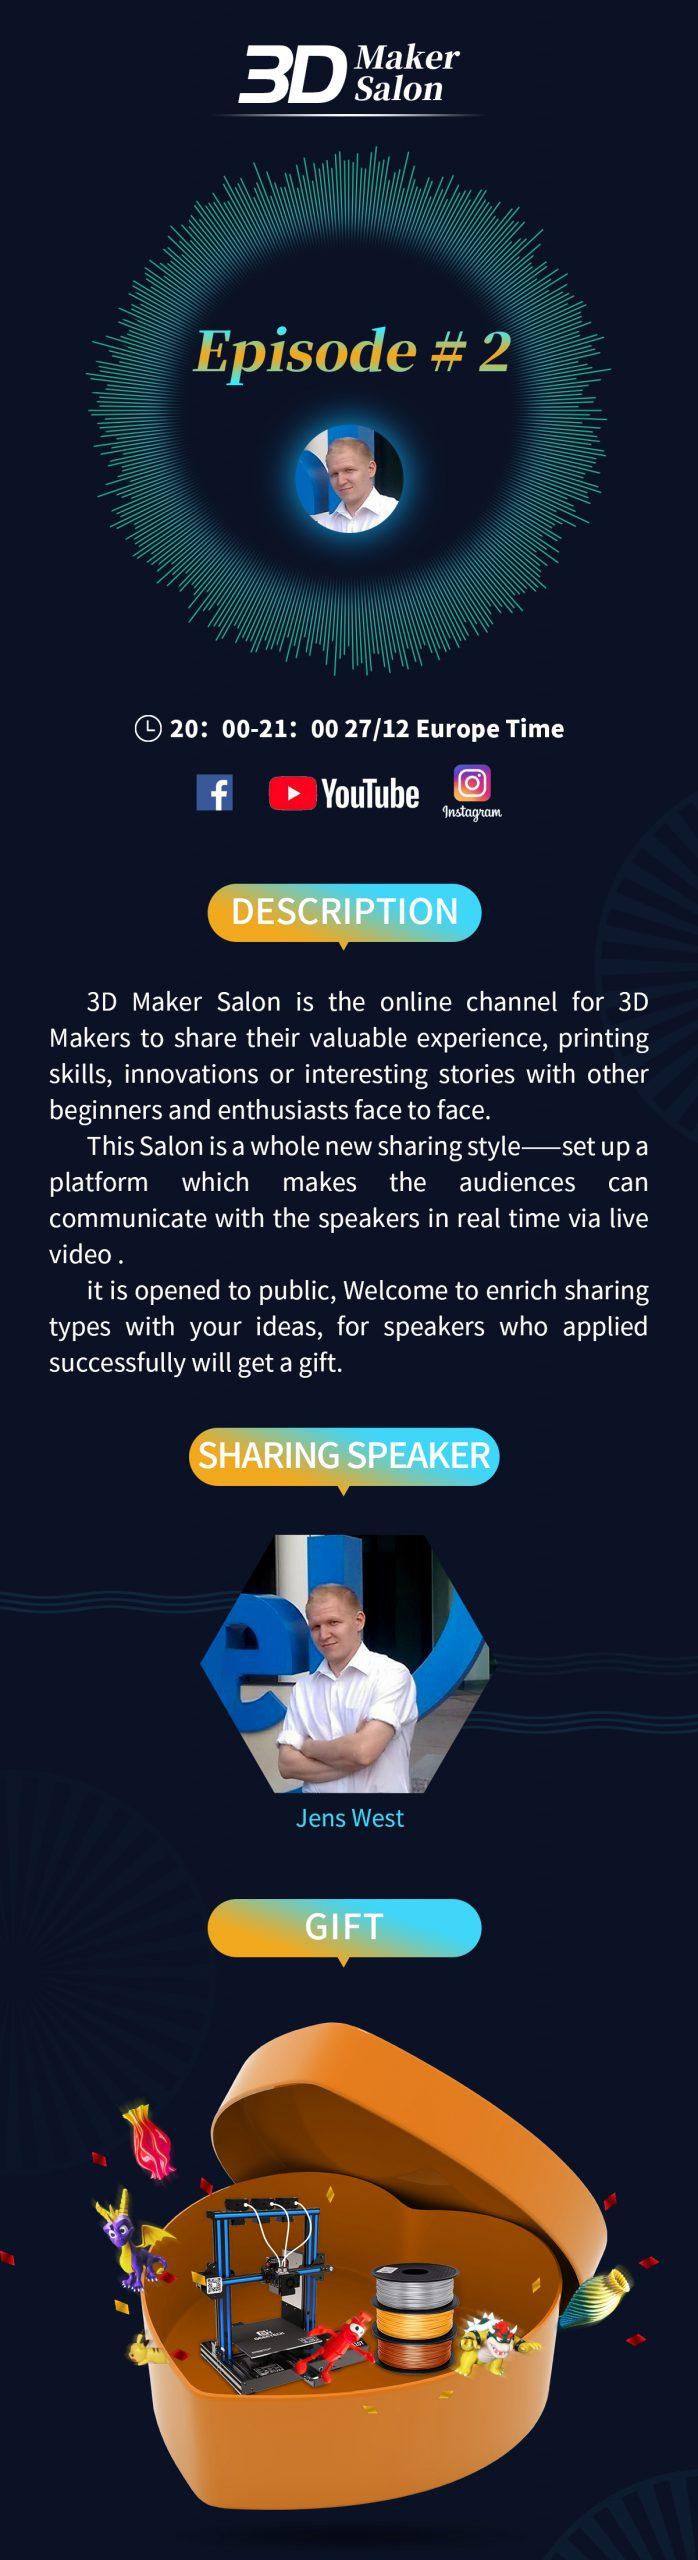 Maker Salon 3D episode 2 – Jens West